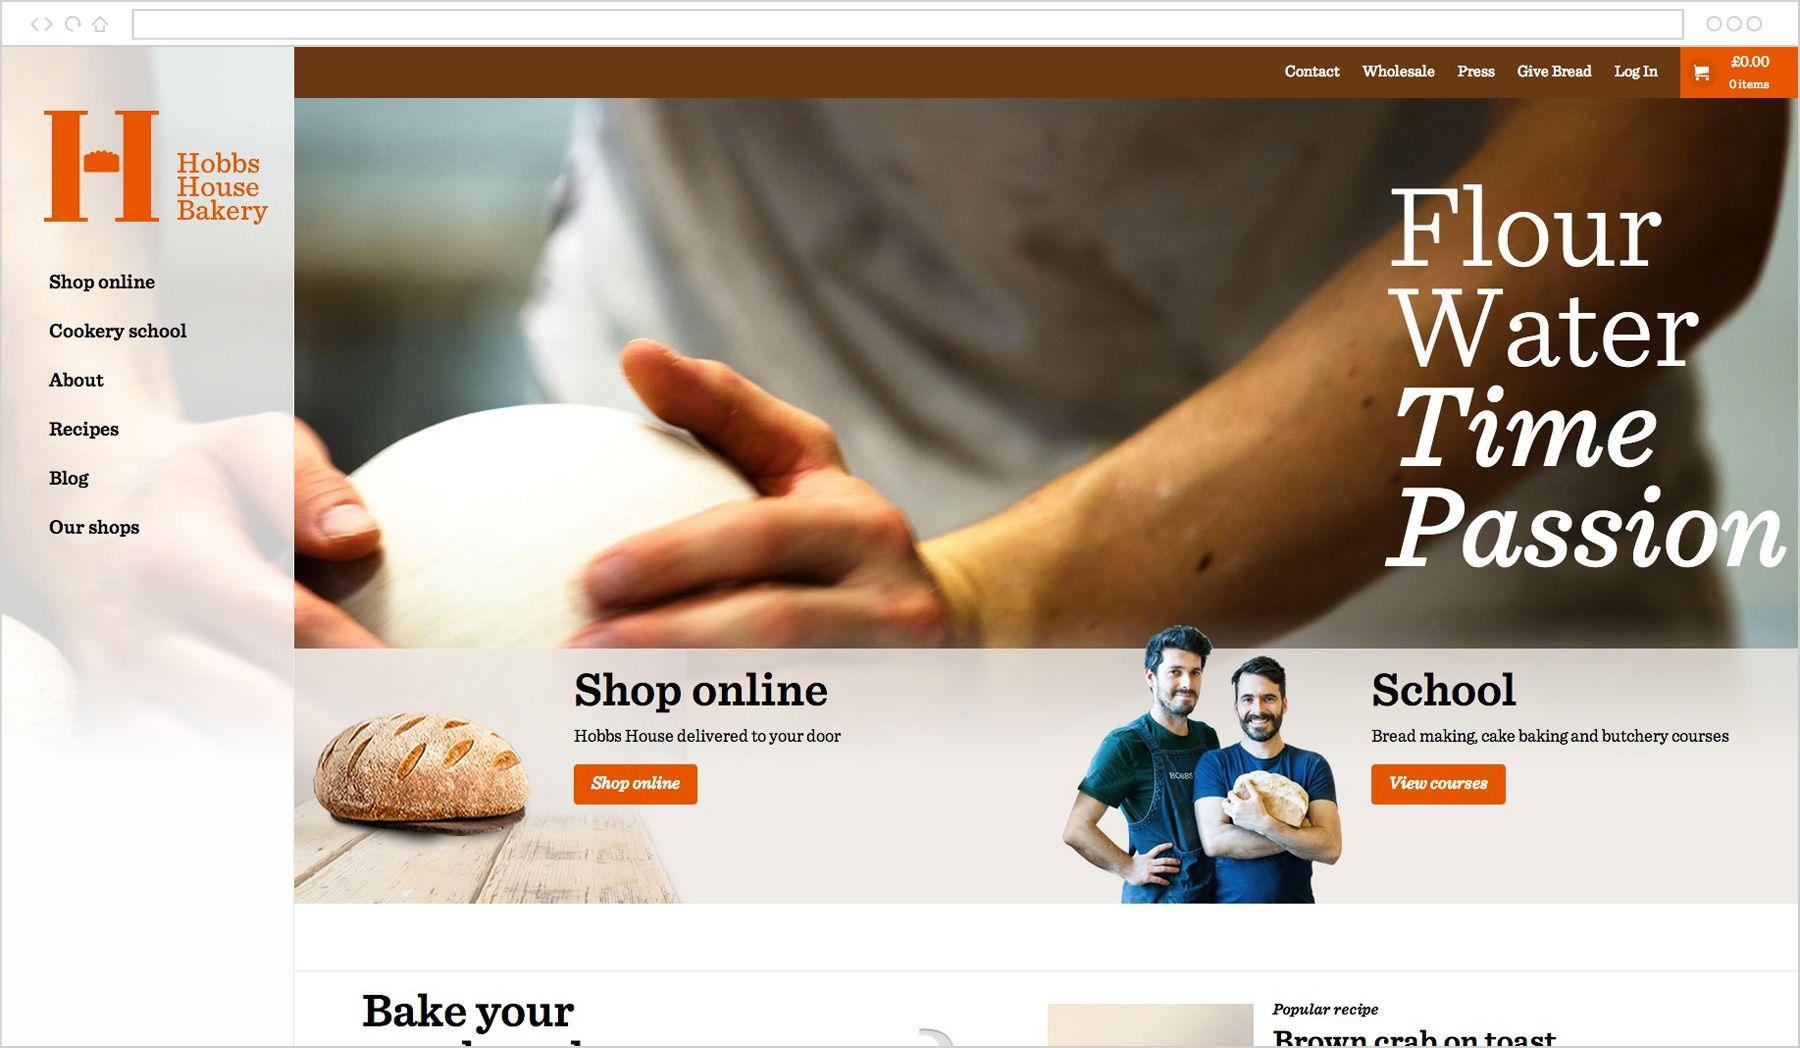 The Hobbs House Bakery website